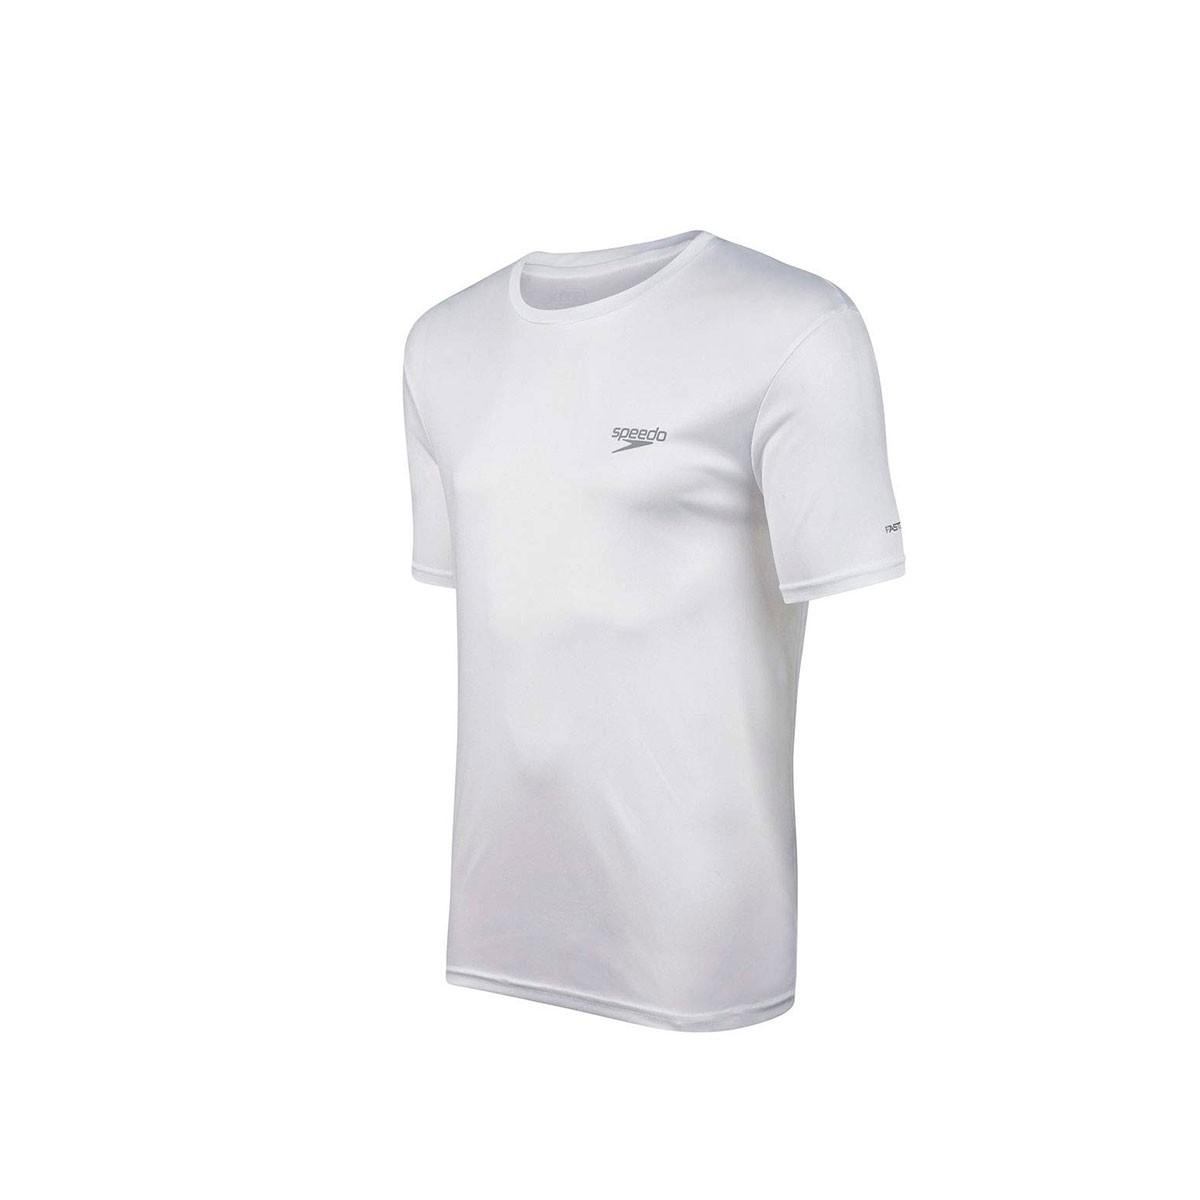 Camiseta Speedo Interlock Canoa Branco